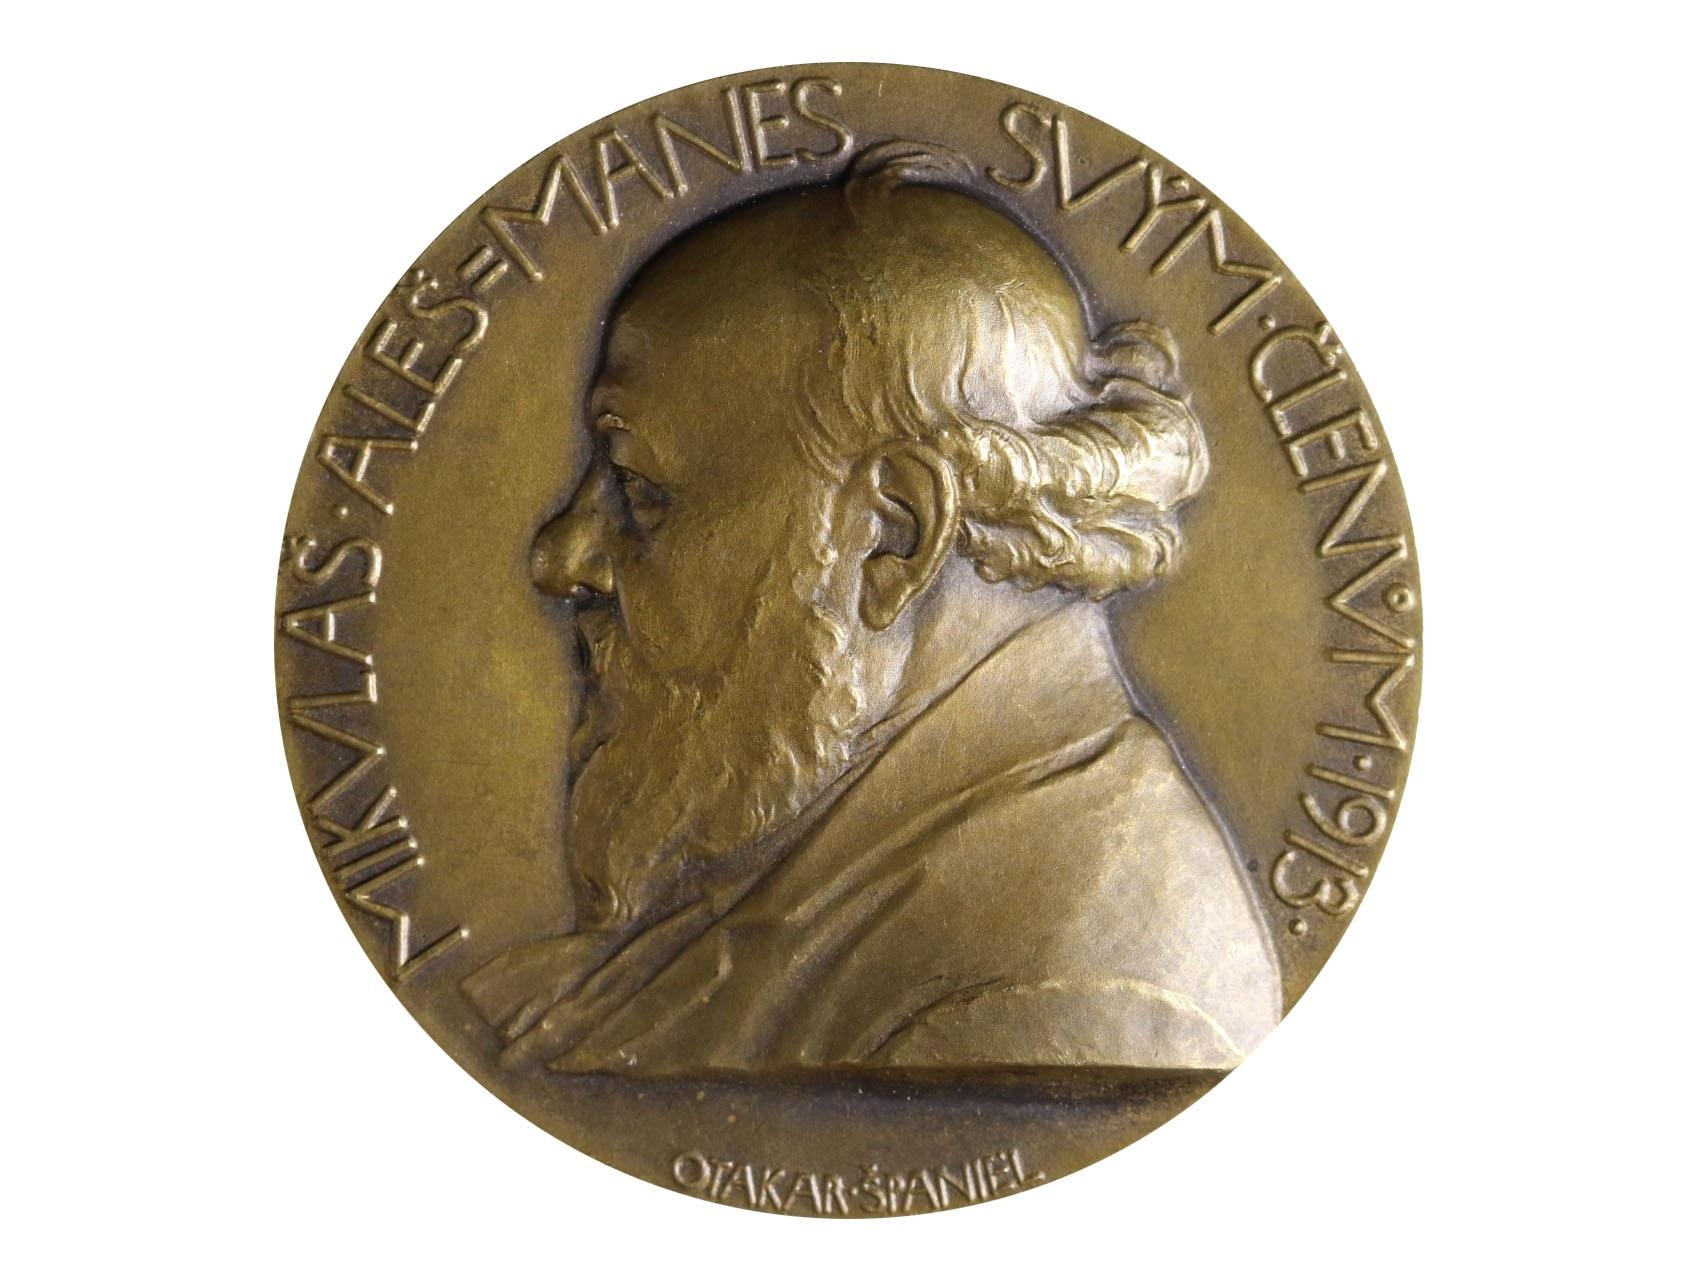 Španiel Otakar 1881-1955 - AE jednostranná medaile Mikoláš Aleš, Mánes svým členům, 1913. Bronz 51 mm